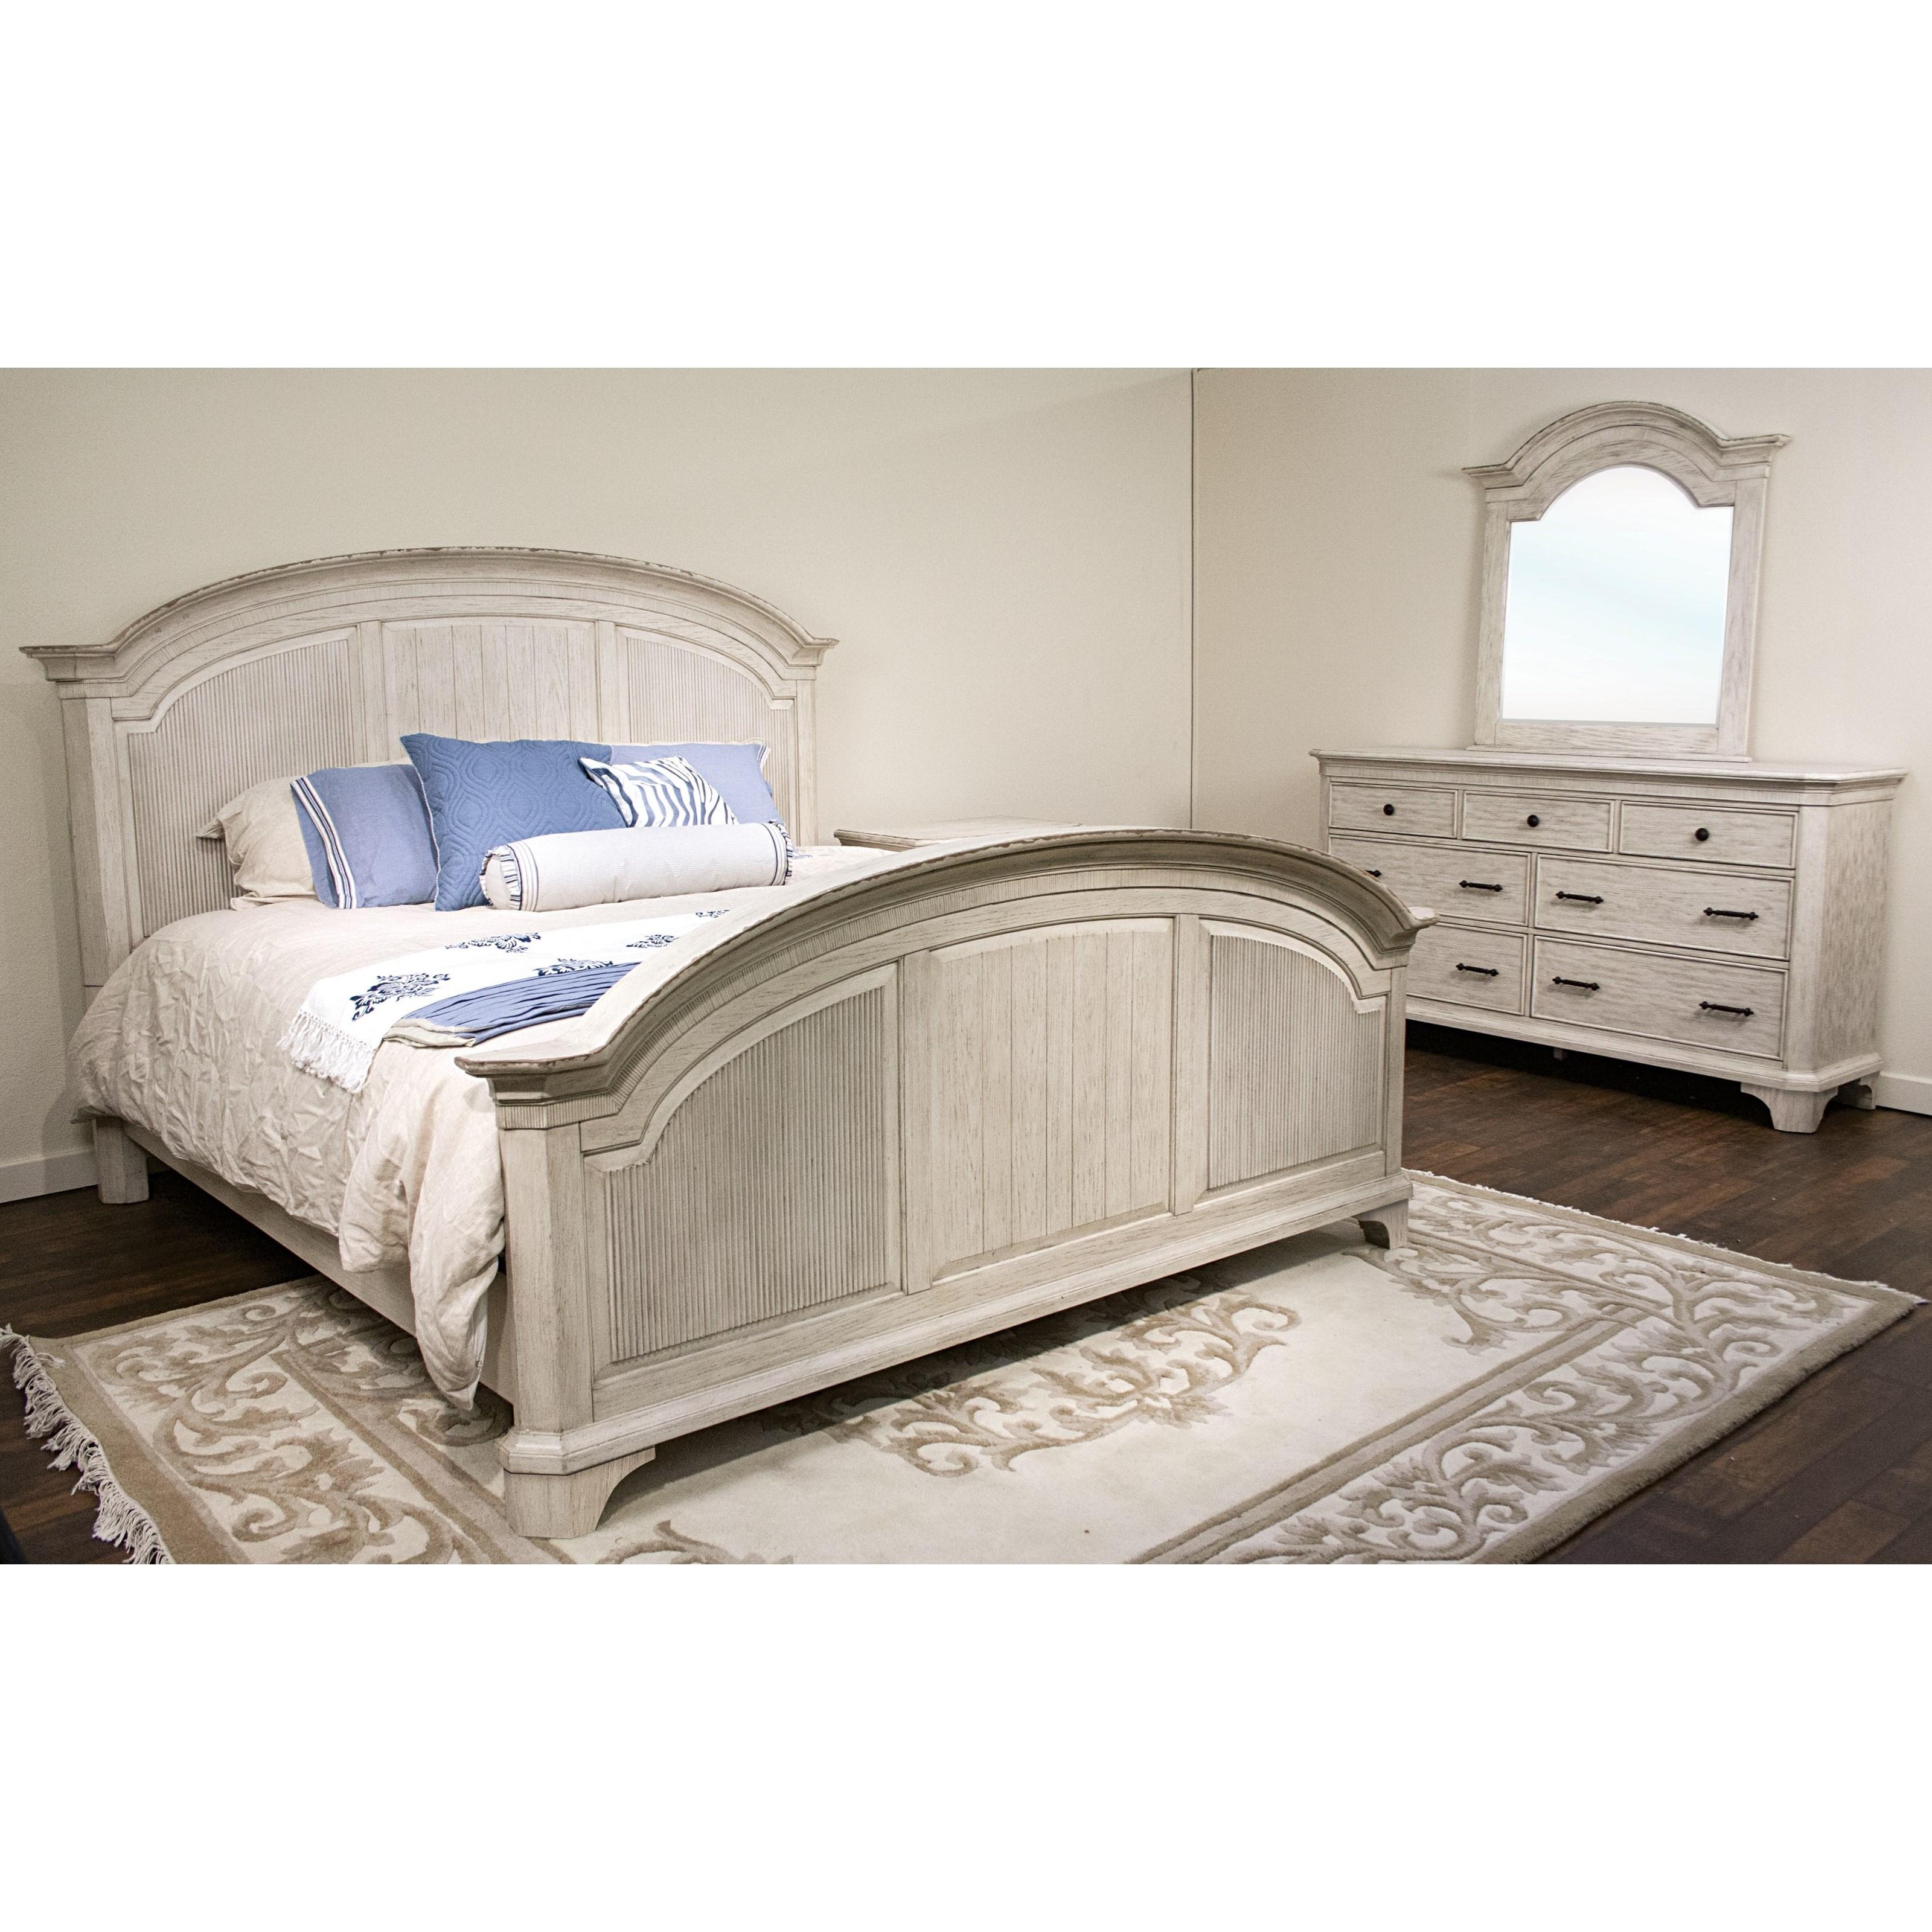 Riverside Furniture Aberdeen Queen Bedroom Group 3 - Item Number: 212 Q Bedroom Group 3